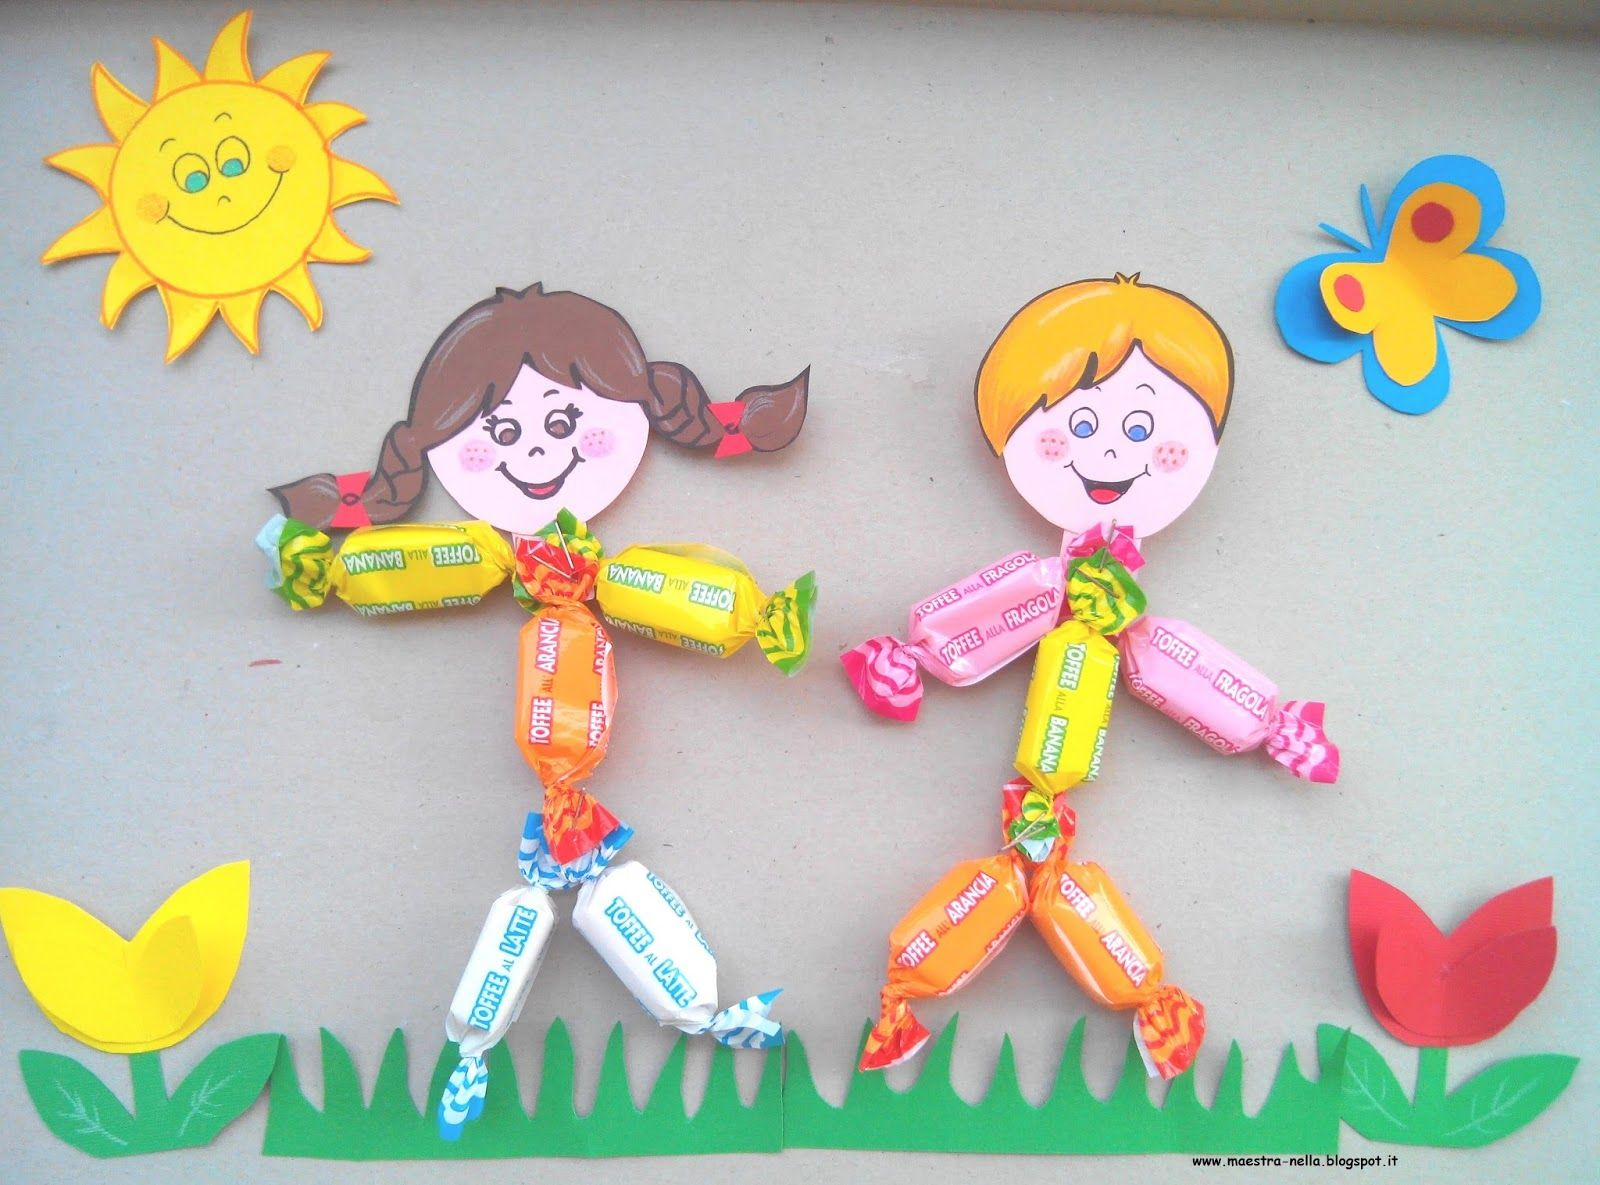 Lavoretti scuola infanzia accoglienza ts51 pineglen for Addobbi per accoglienza scuola infanzia